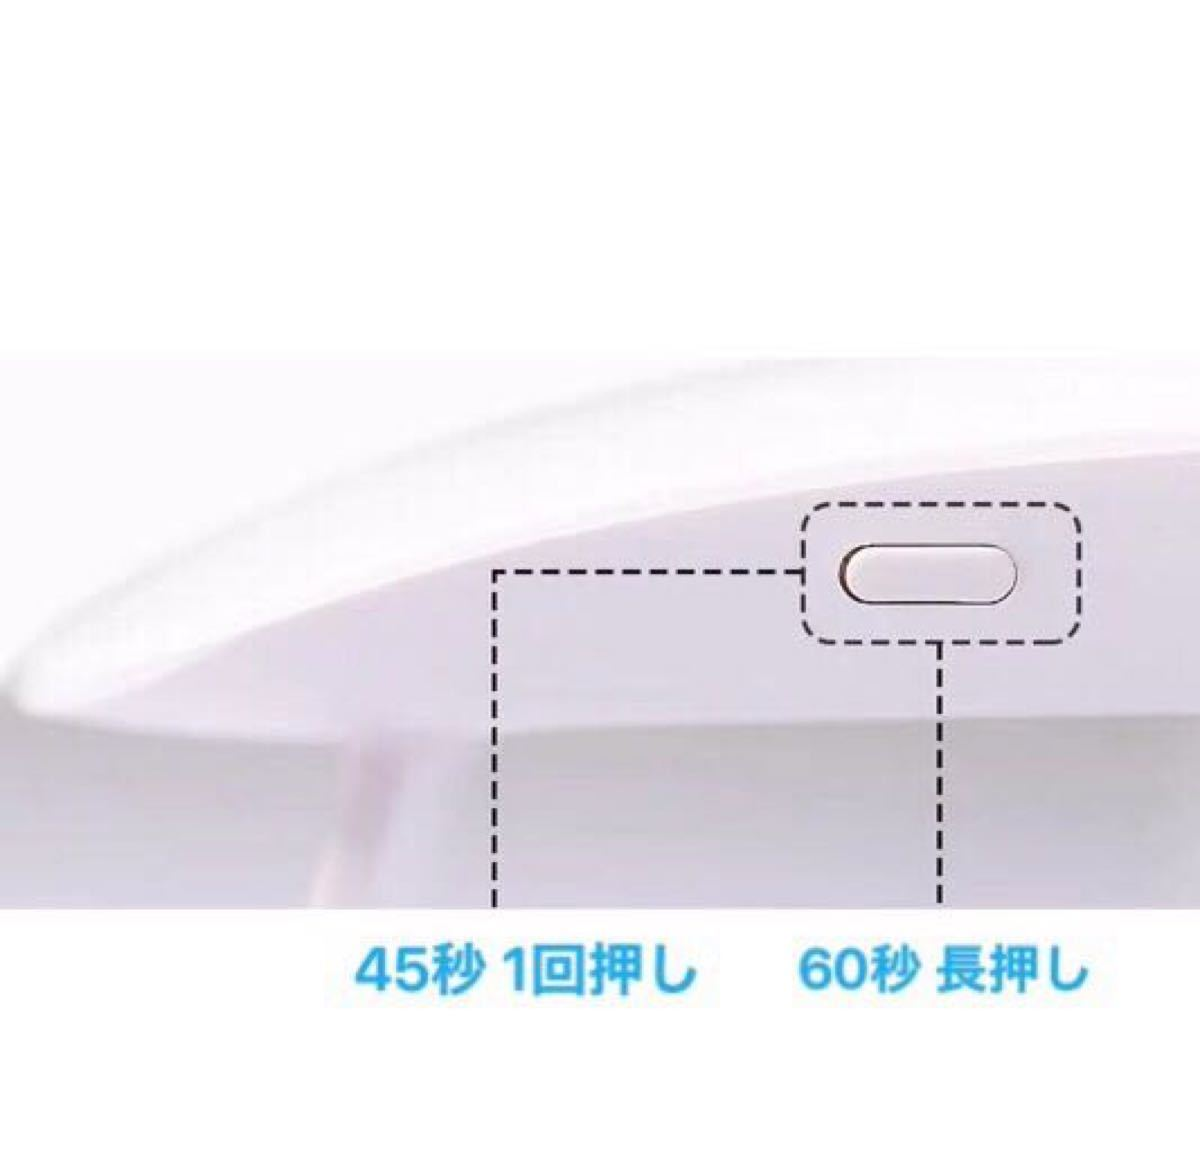 UV硬化ライト・ネイルランプ・ネイルライト・アクセサリー作り等に/LEDライト